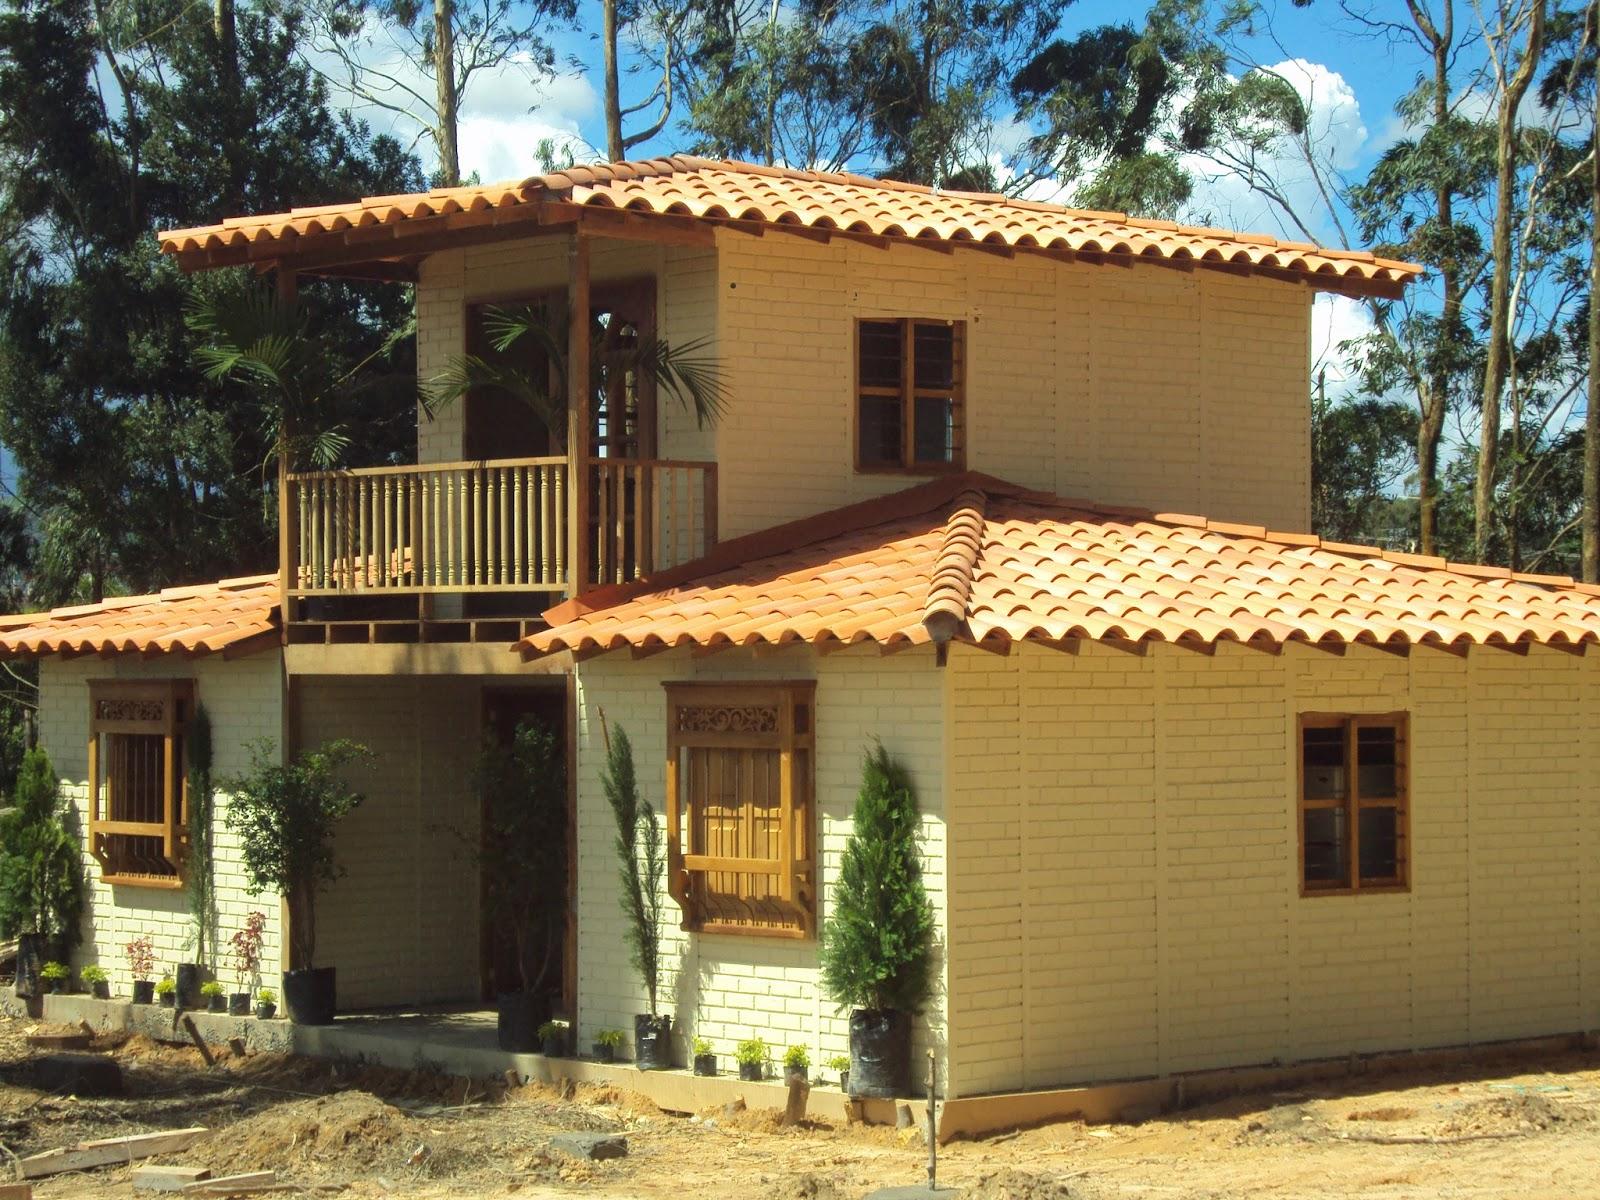 Casas prefabricadas casa real casa real prefabricadas - Casa modulares prefabricadas ...